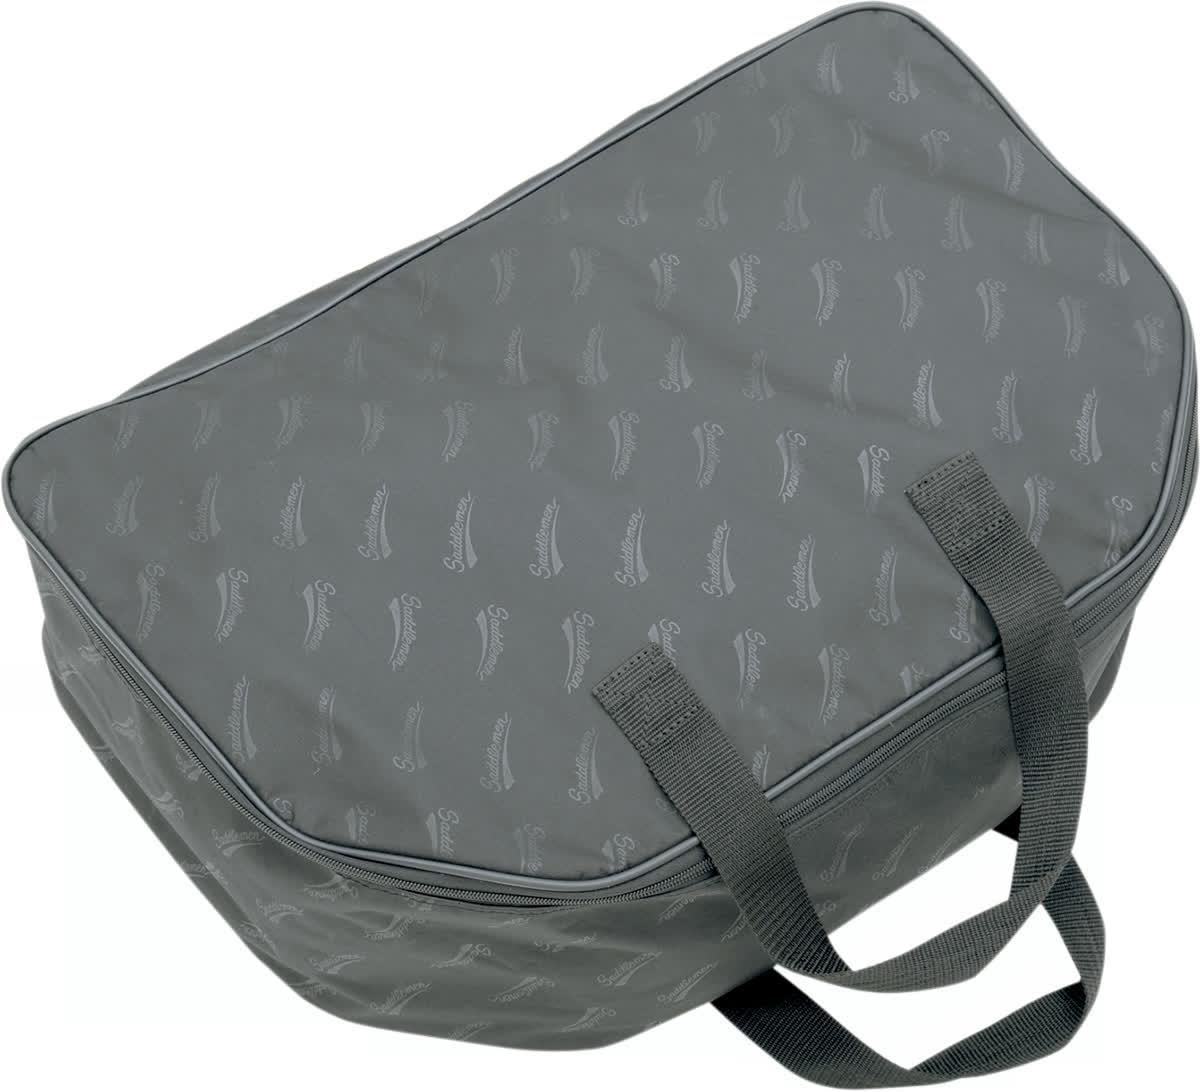 Saddlemen 3516-0122 Tour Pack Soft Liner Bag